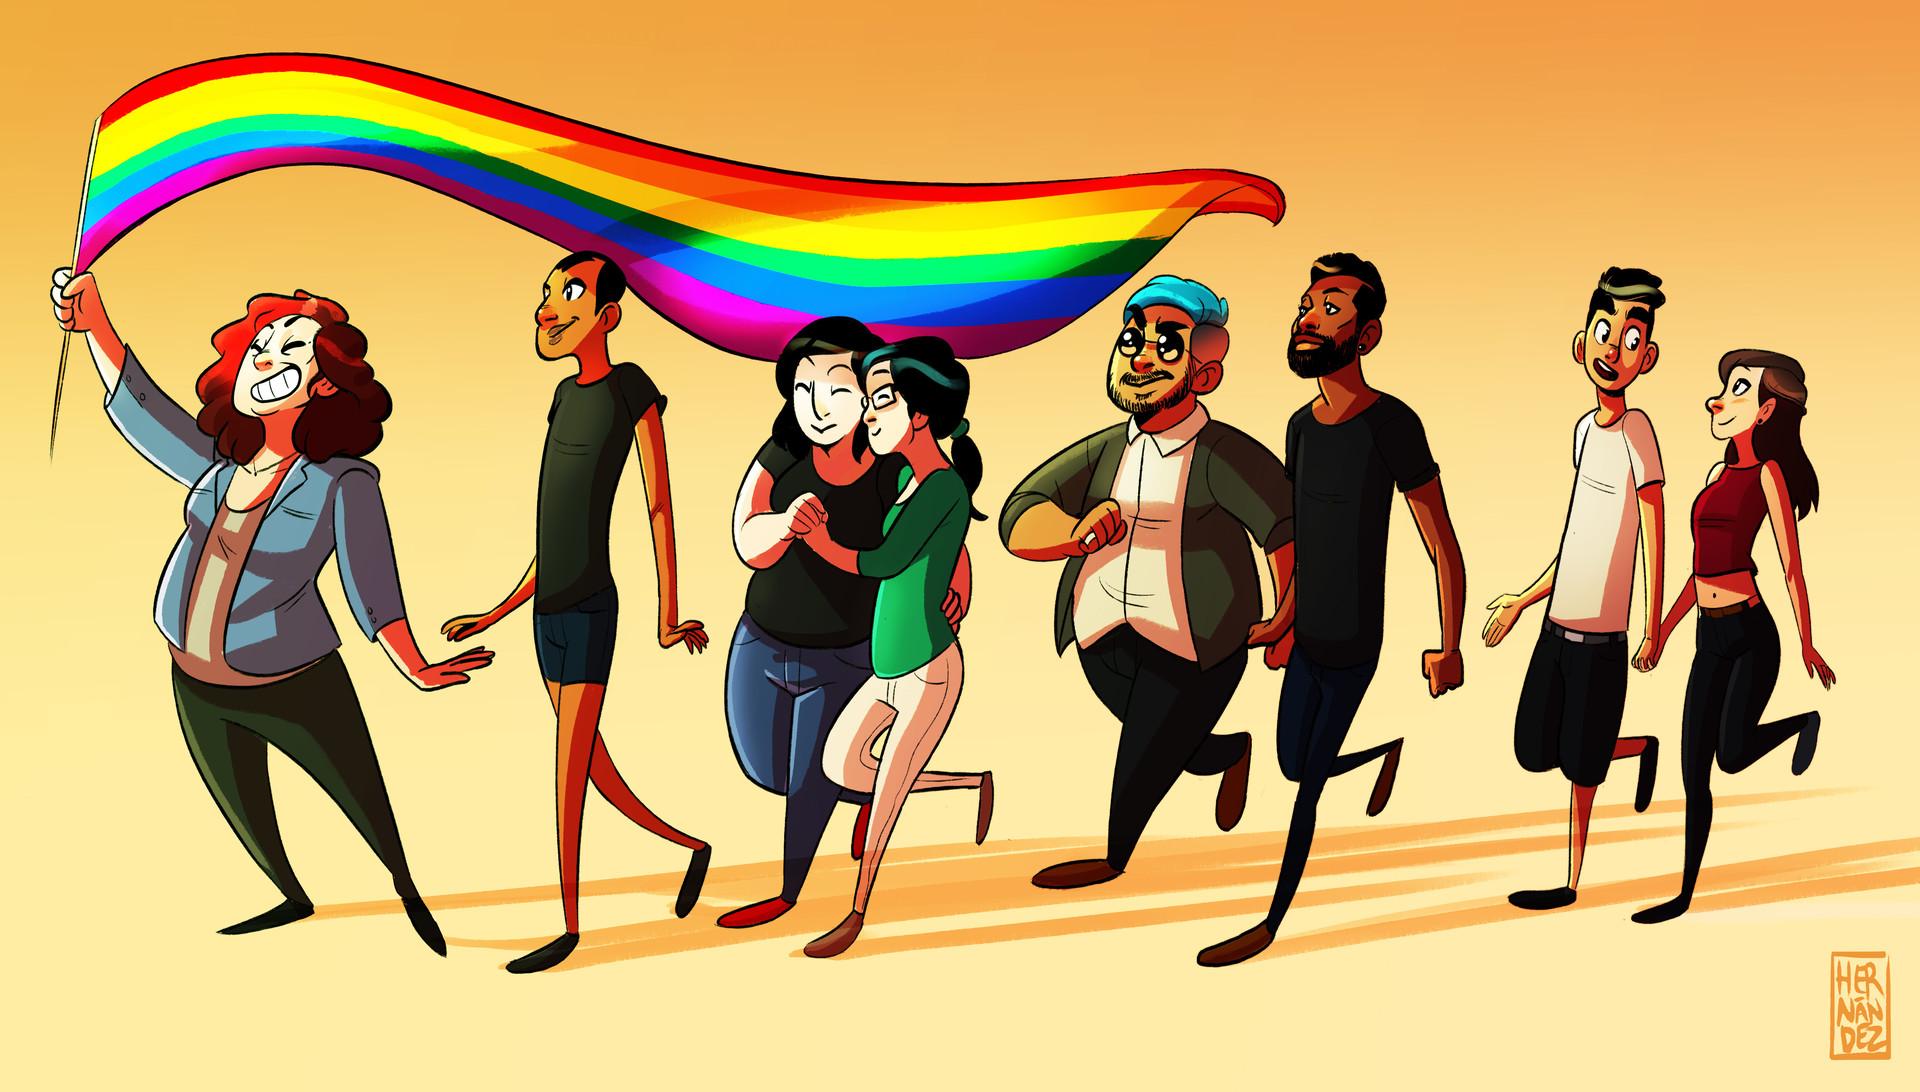 LGBT. 2015